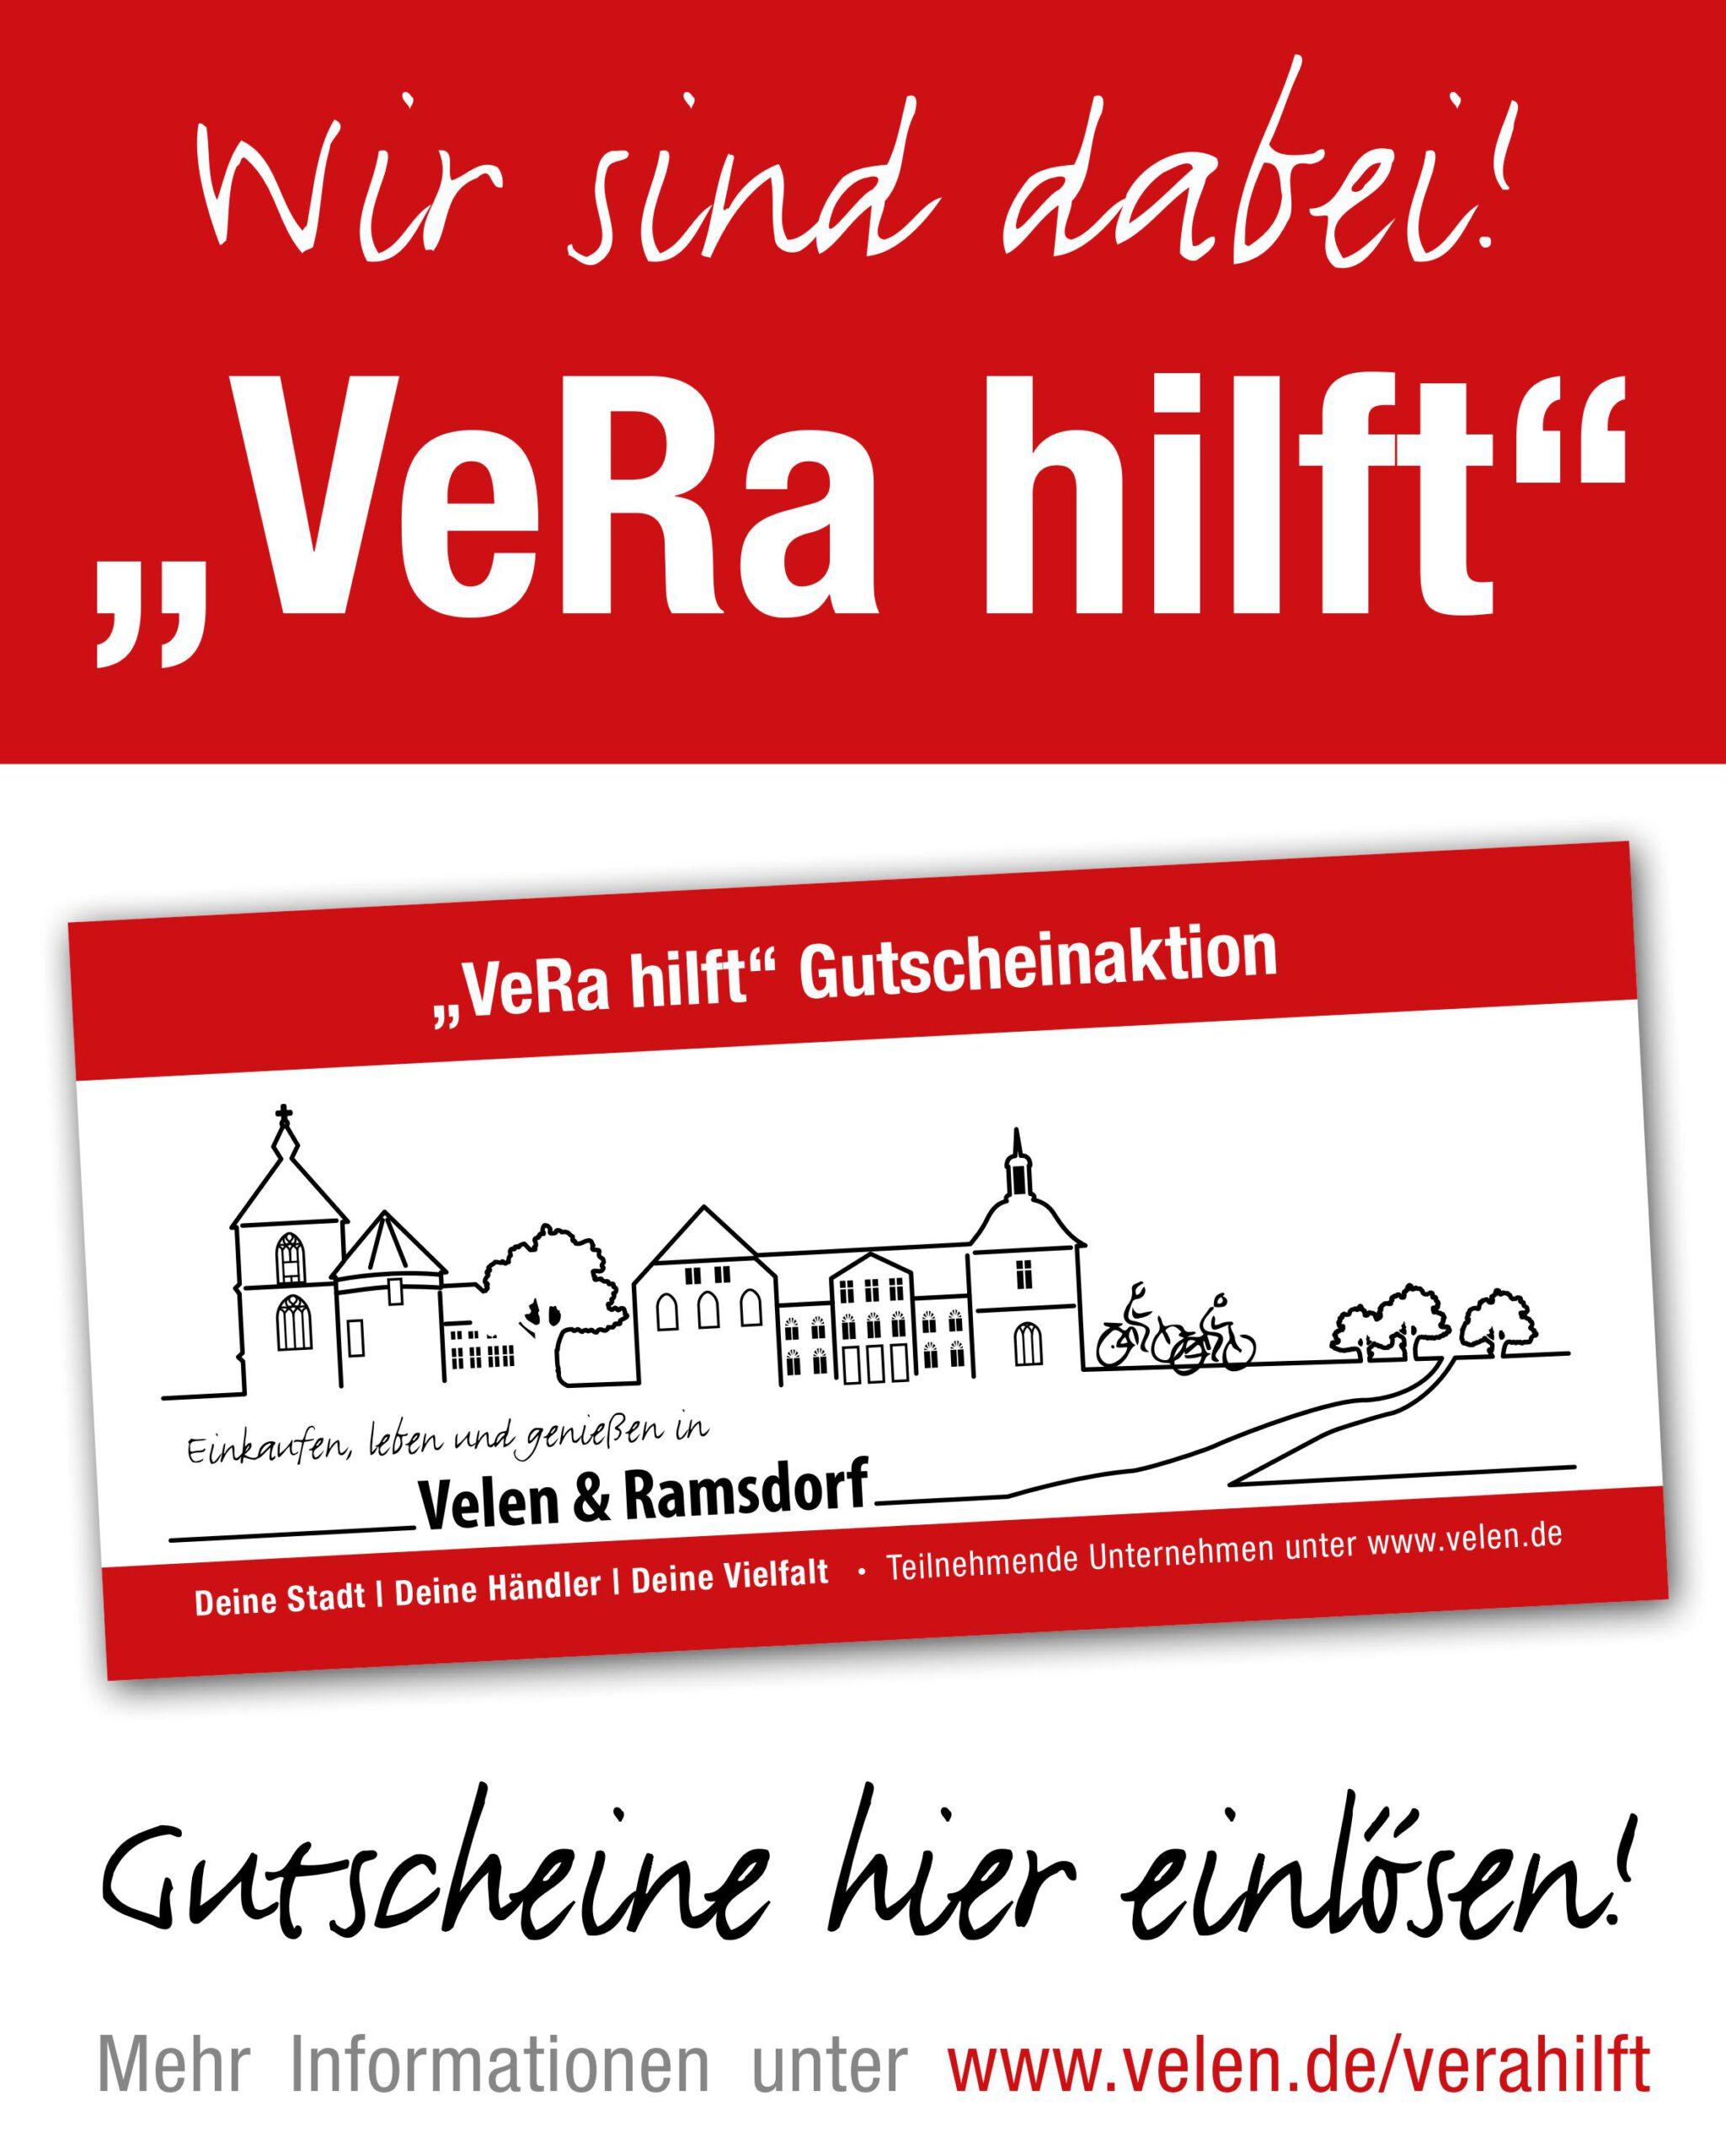 """Wirtschaftsförderungsprogramm """"VeRa hilft""""!"""